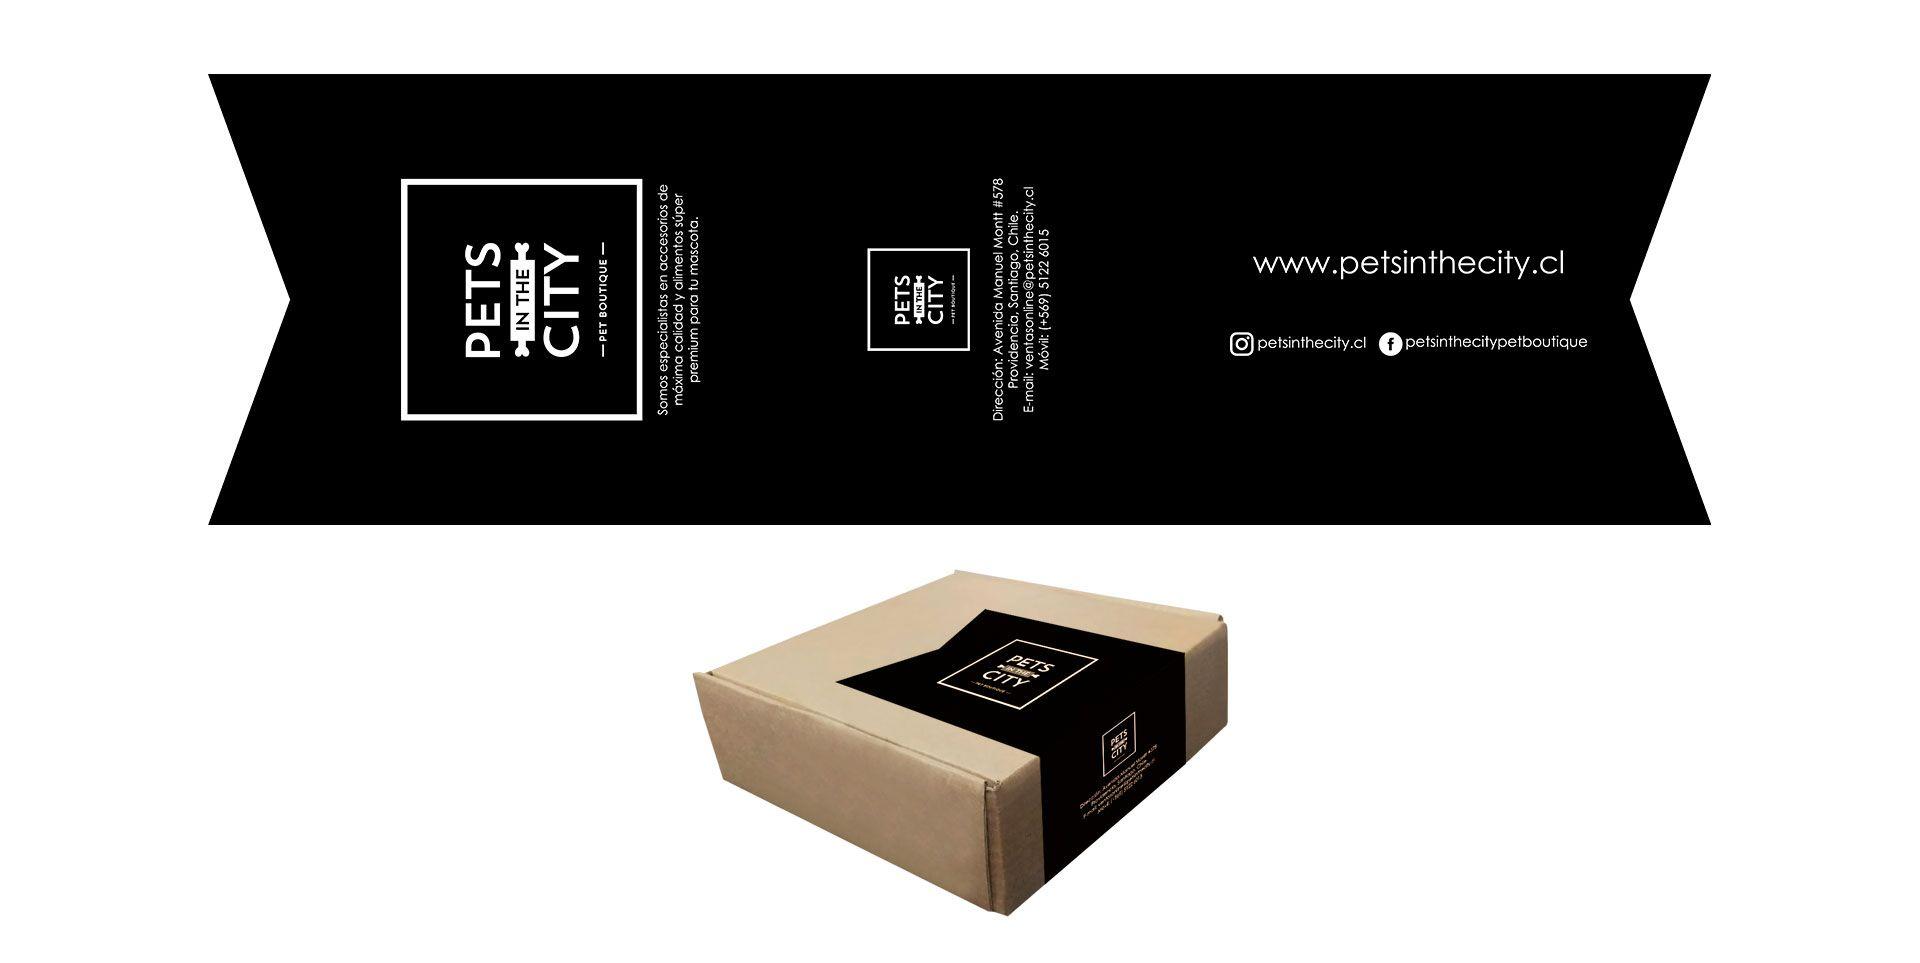 petinthecity-imprenta-001